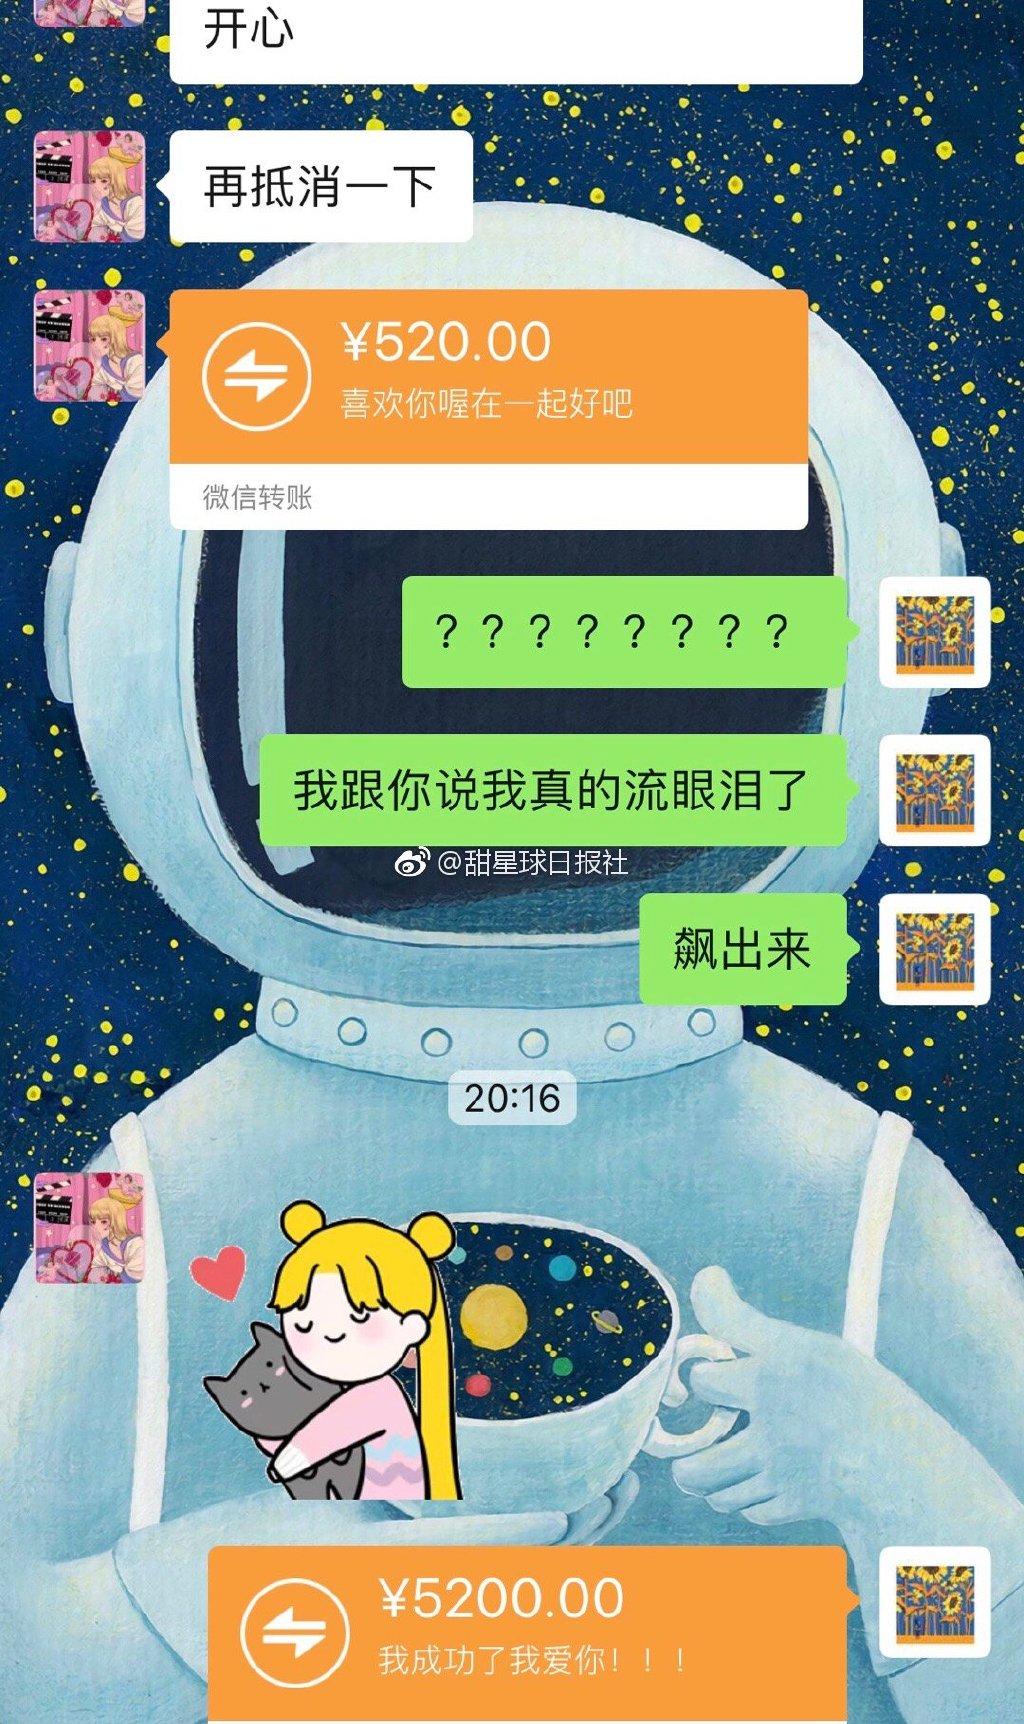 www.taoshu6.com_